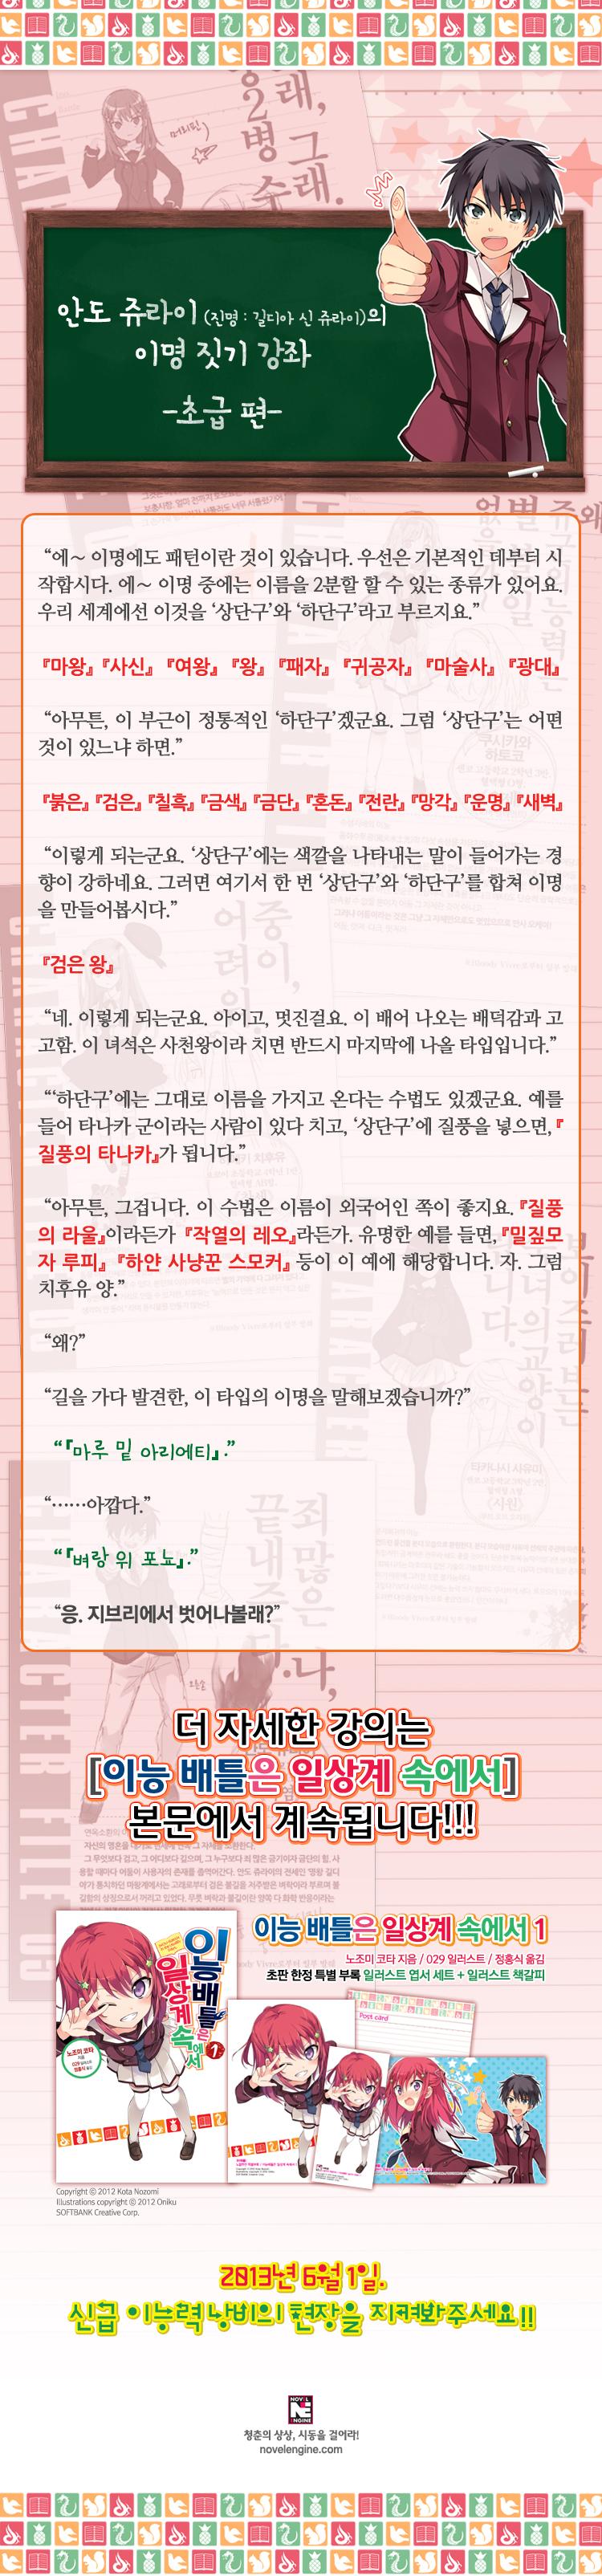 안도 쥬라이의 이명 짓기 강좌 초급편-[이능배틀은..